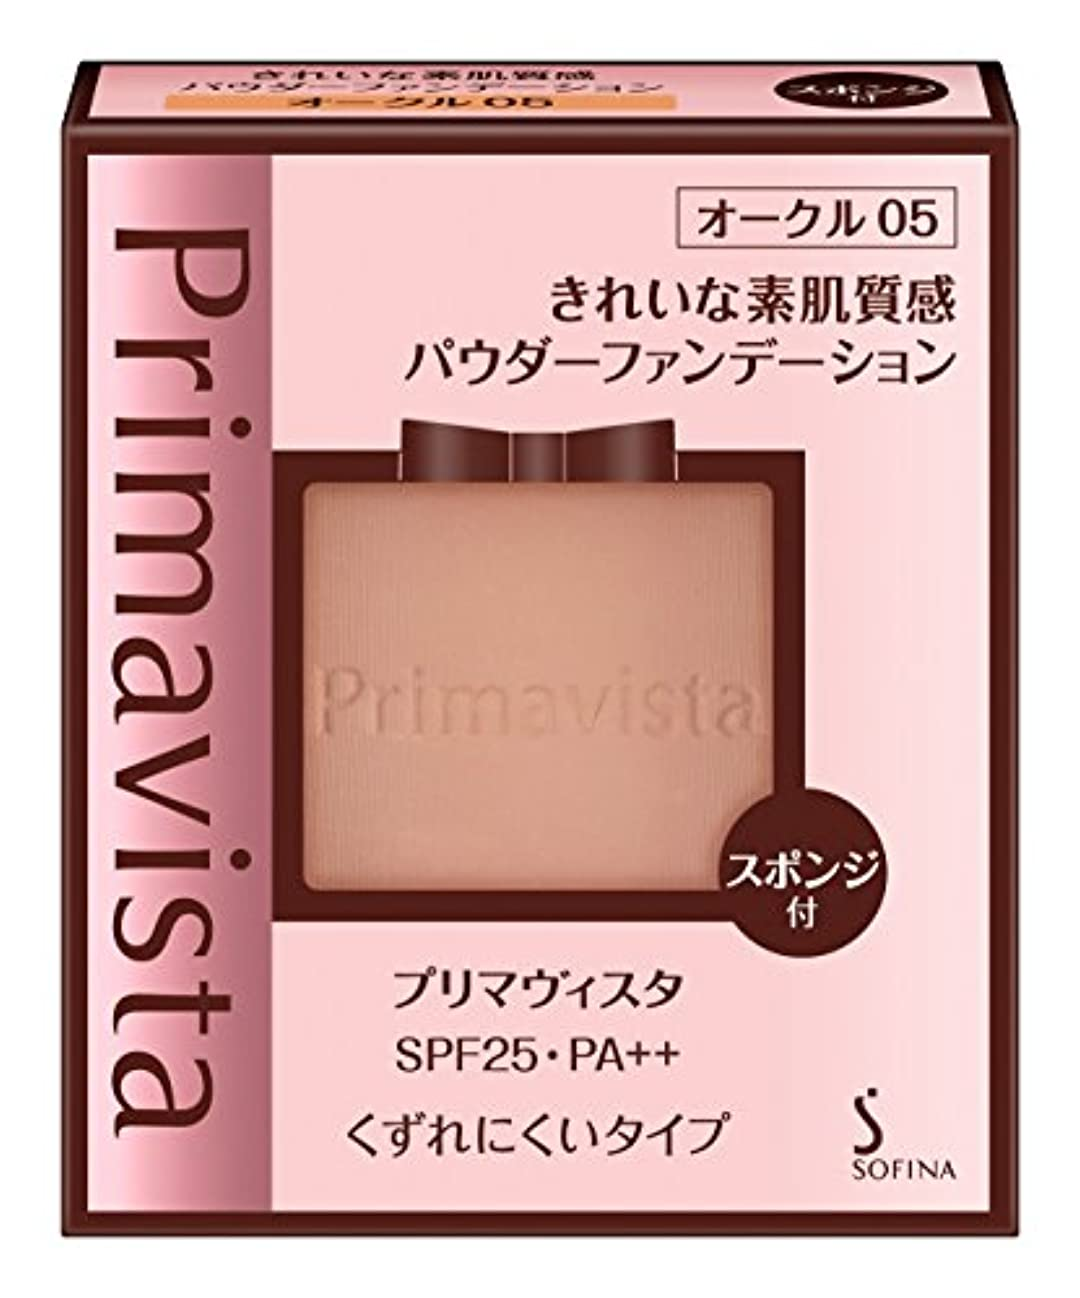 ショッキングアライメント振り子プリマヴィスタ きれいな素肌質感パウダーファンデーション オークル05 SPF25 PA++ 9g